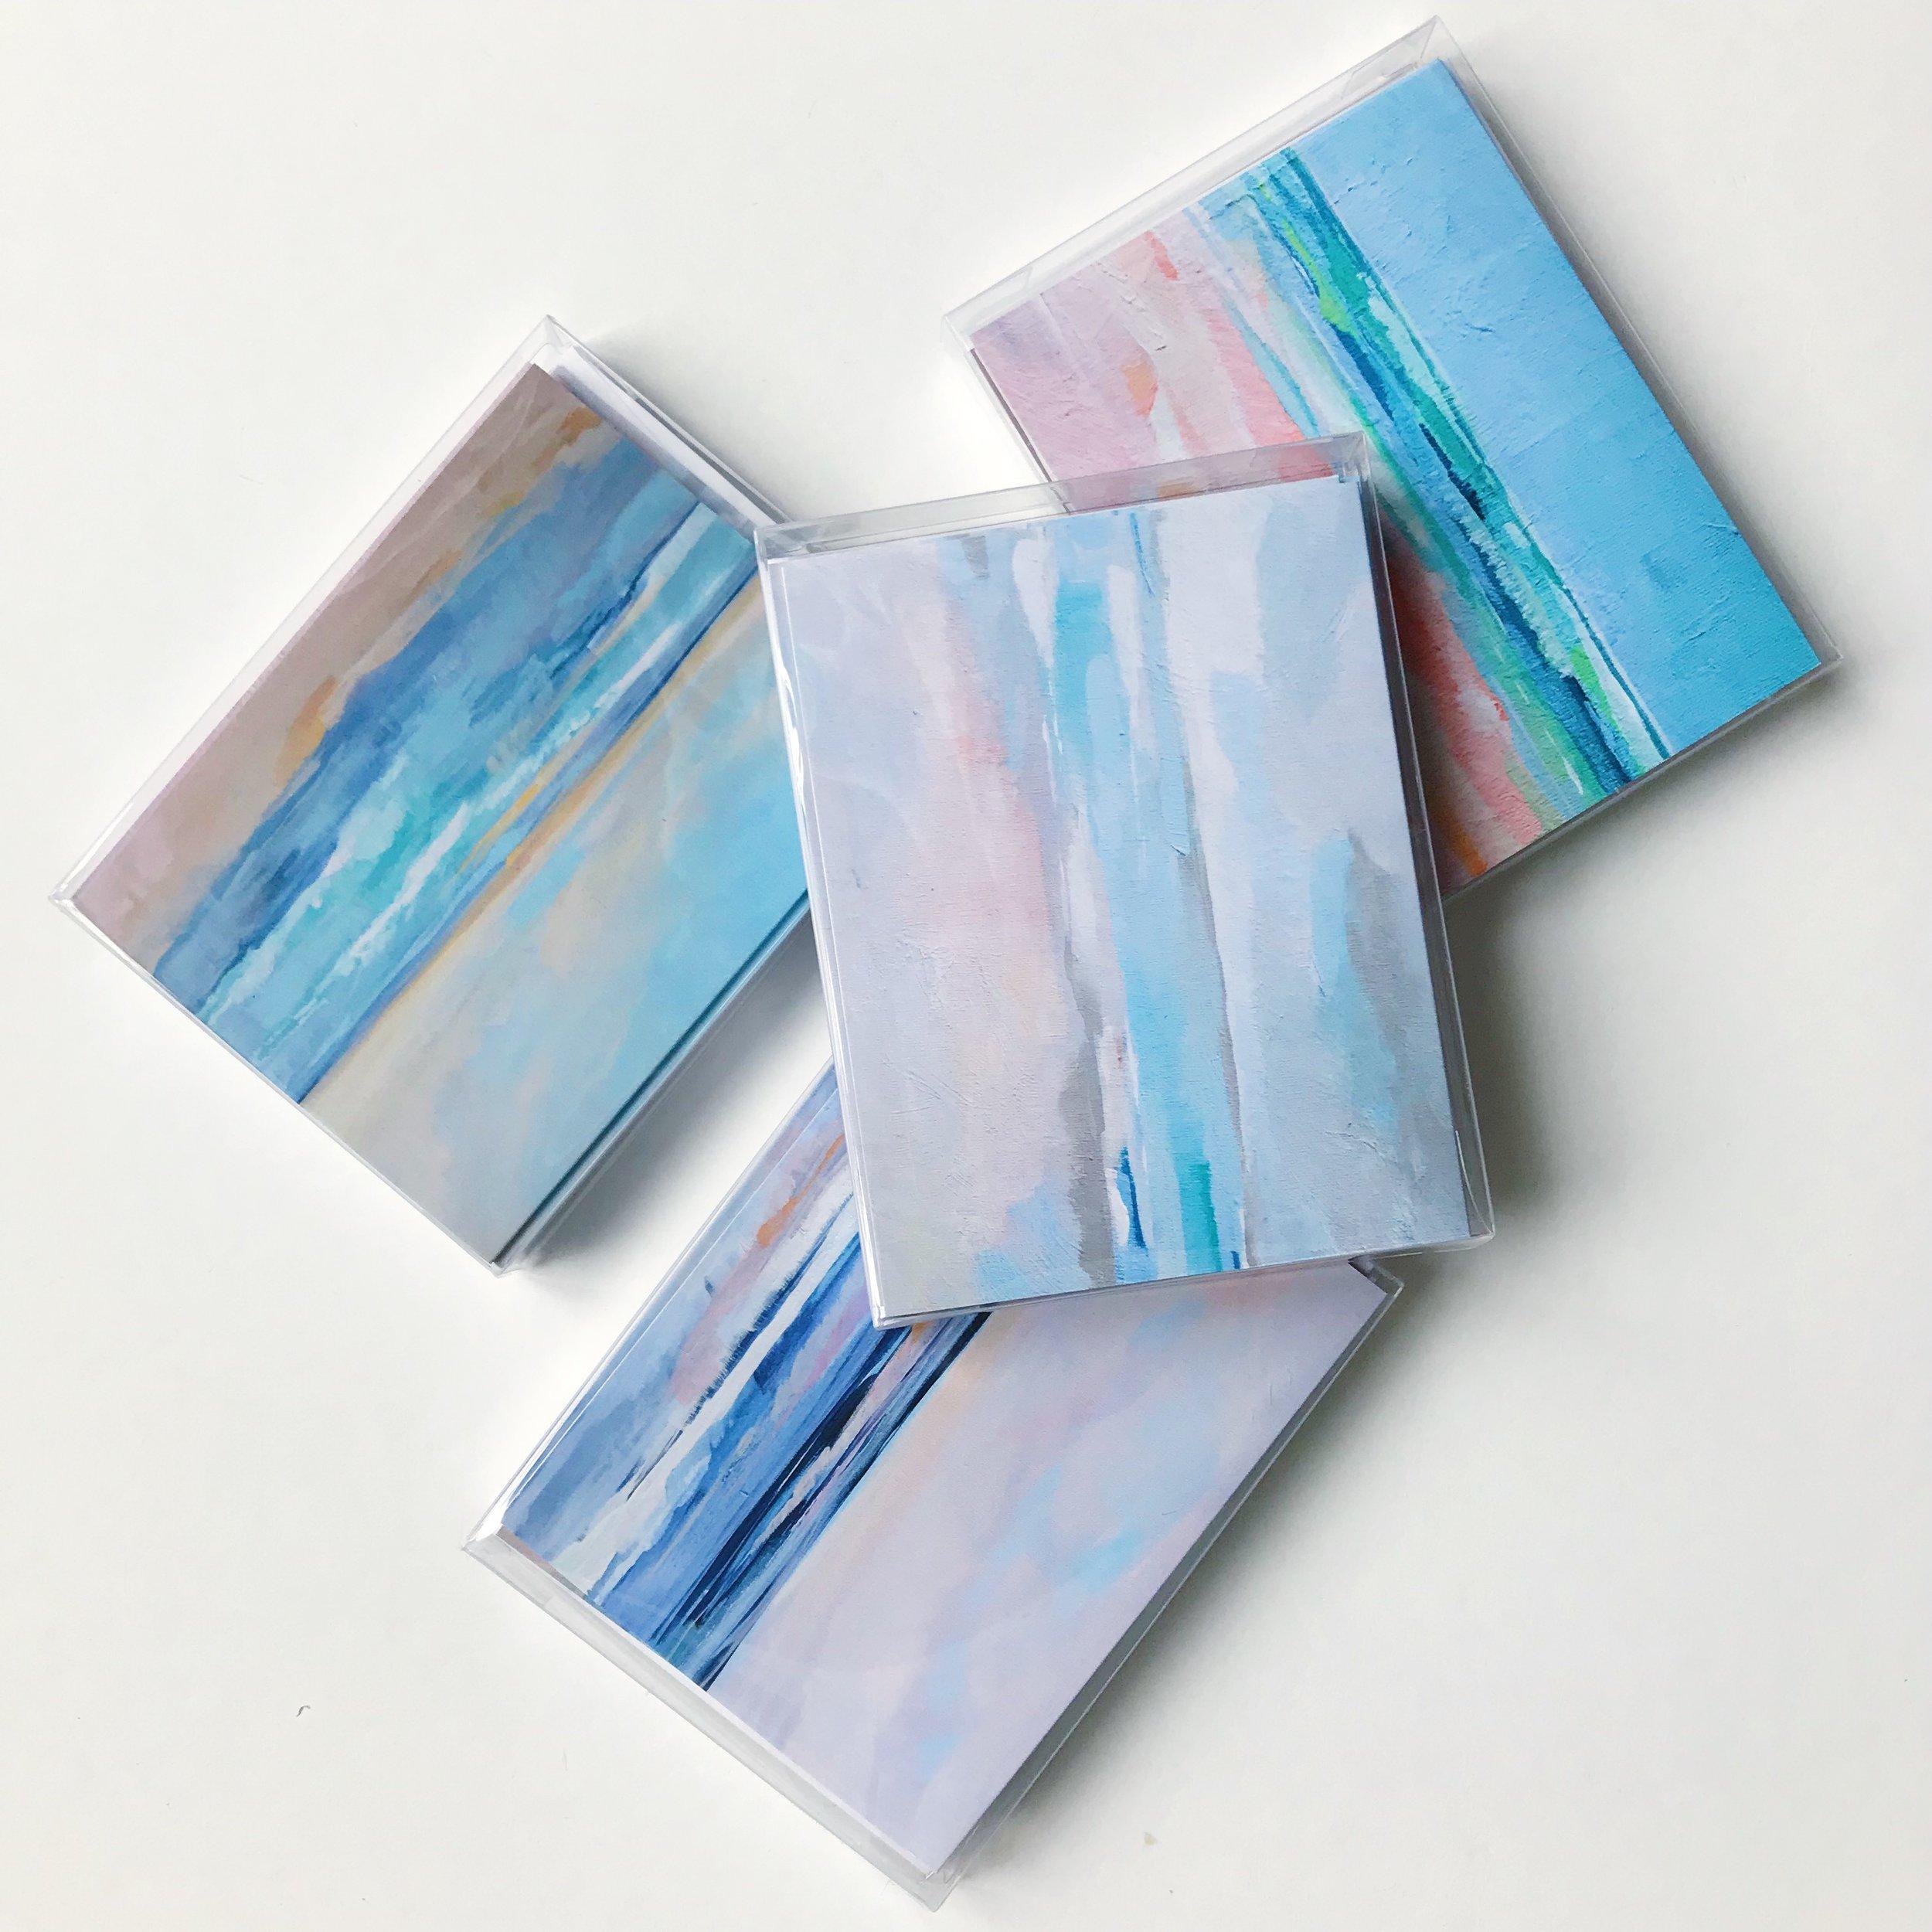 Notecards by Megan Elizabeth of Art by Megan